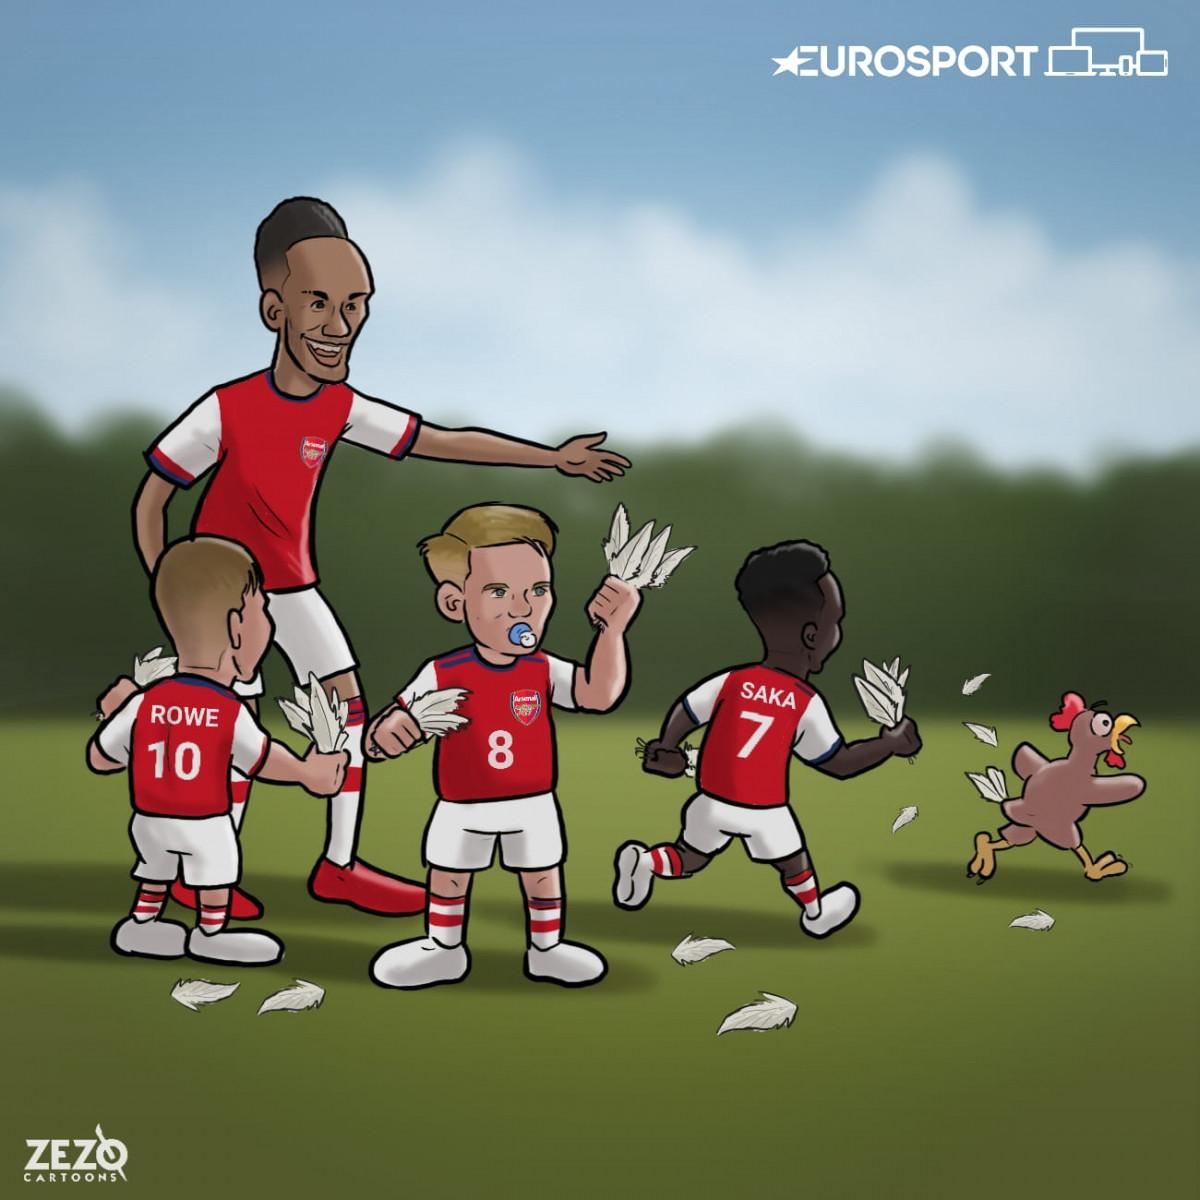 Arsenal đang đi đúng hướng sau những trận đầu chật vật. (Ảnh: Zezo Cartoons)/